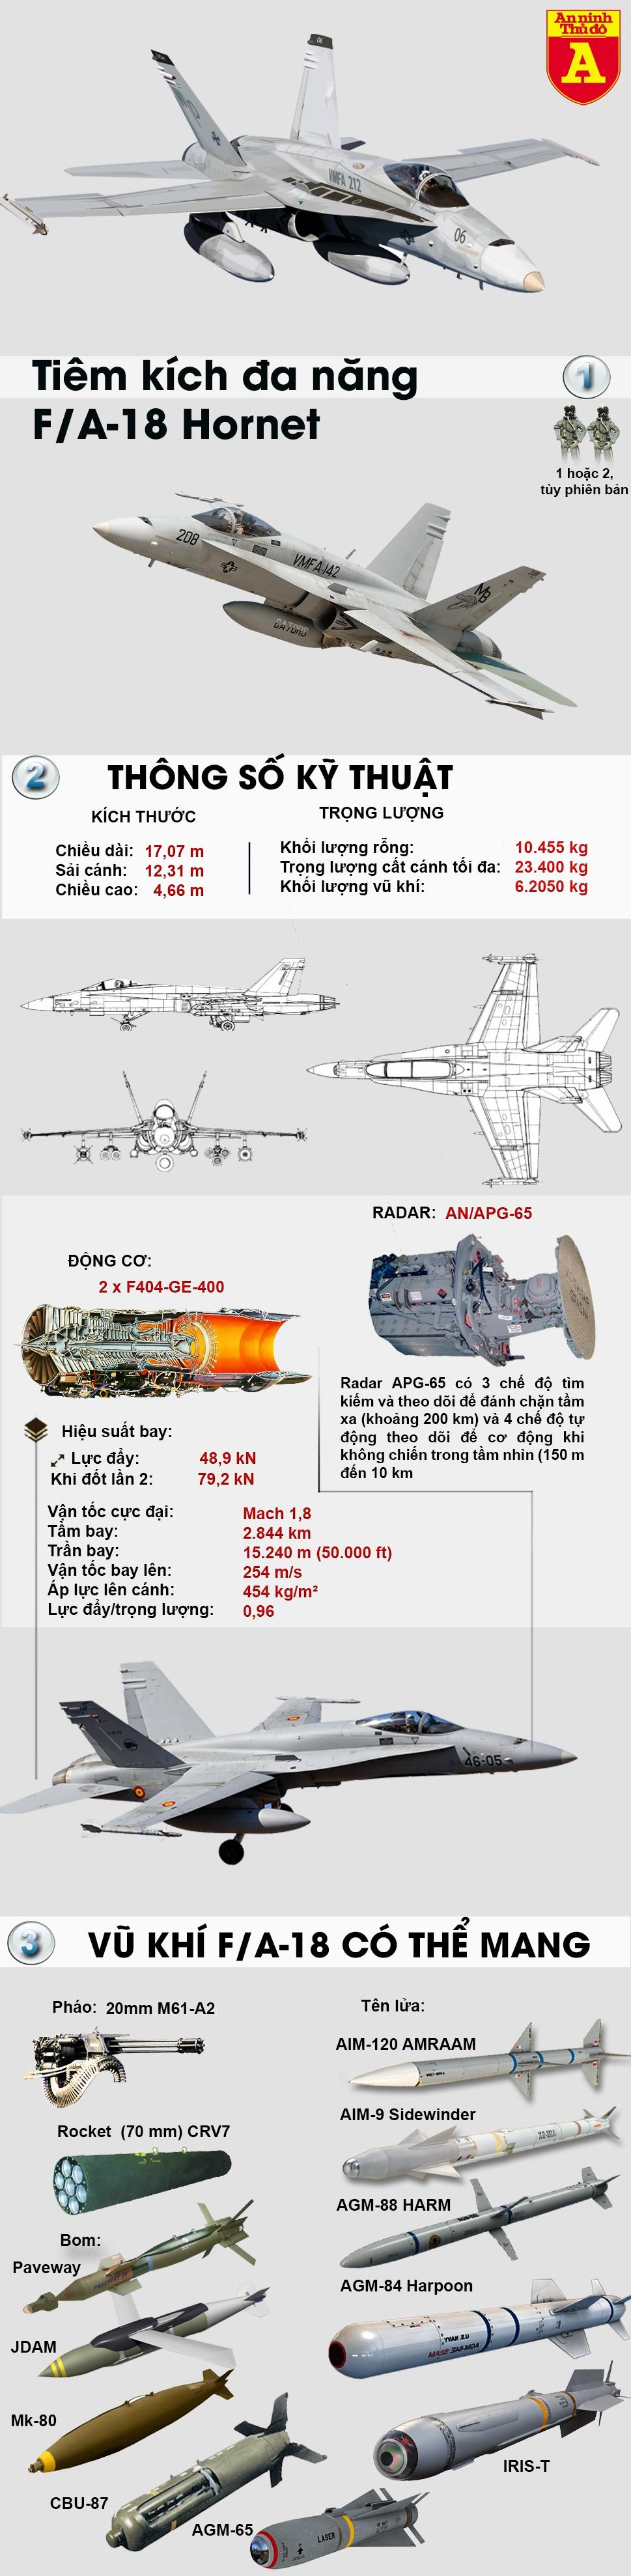 [Infographic] Siêu tiêm kích F/A-18 Hornet sản xuất bằng công nghệ in 3D lần đầu tiên cất cánh ảnh 2